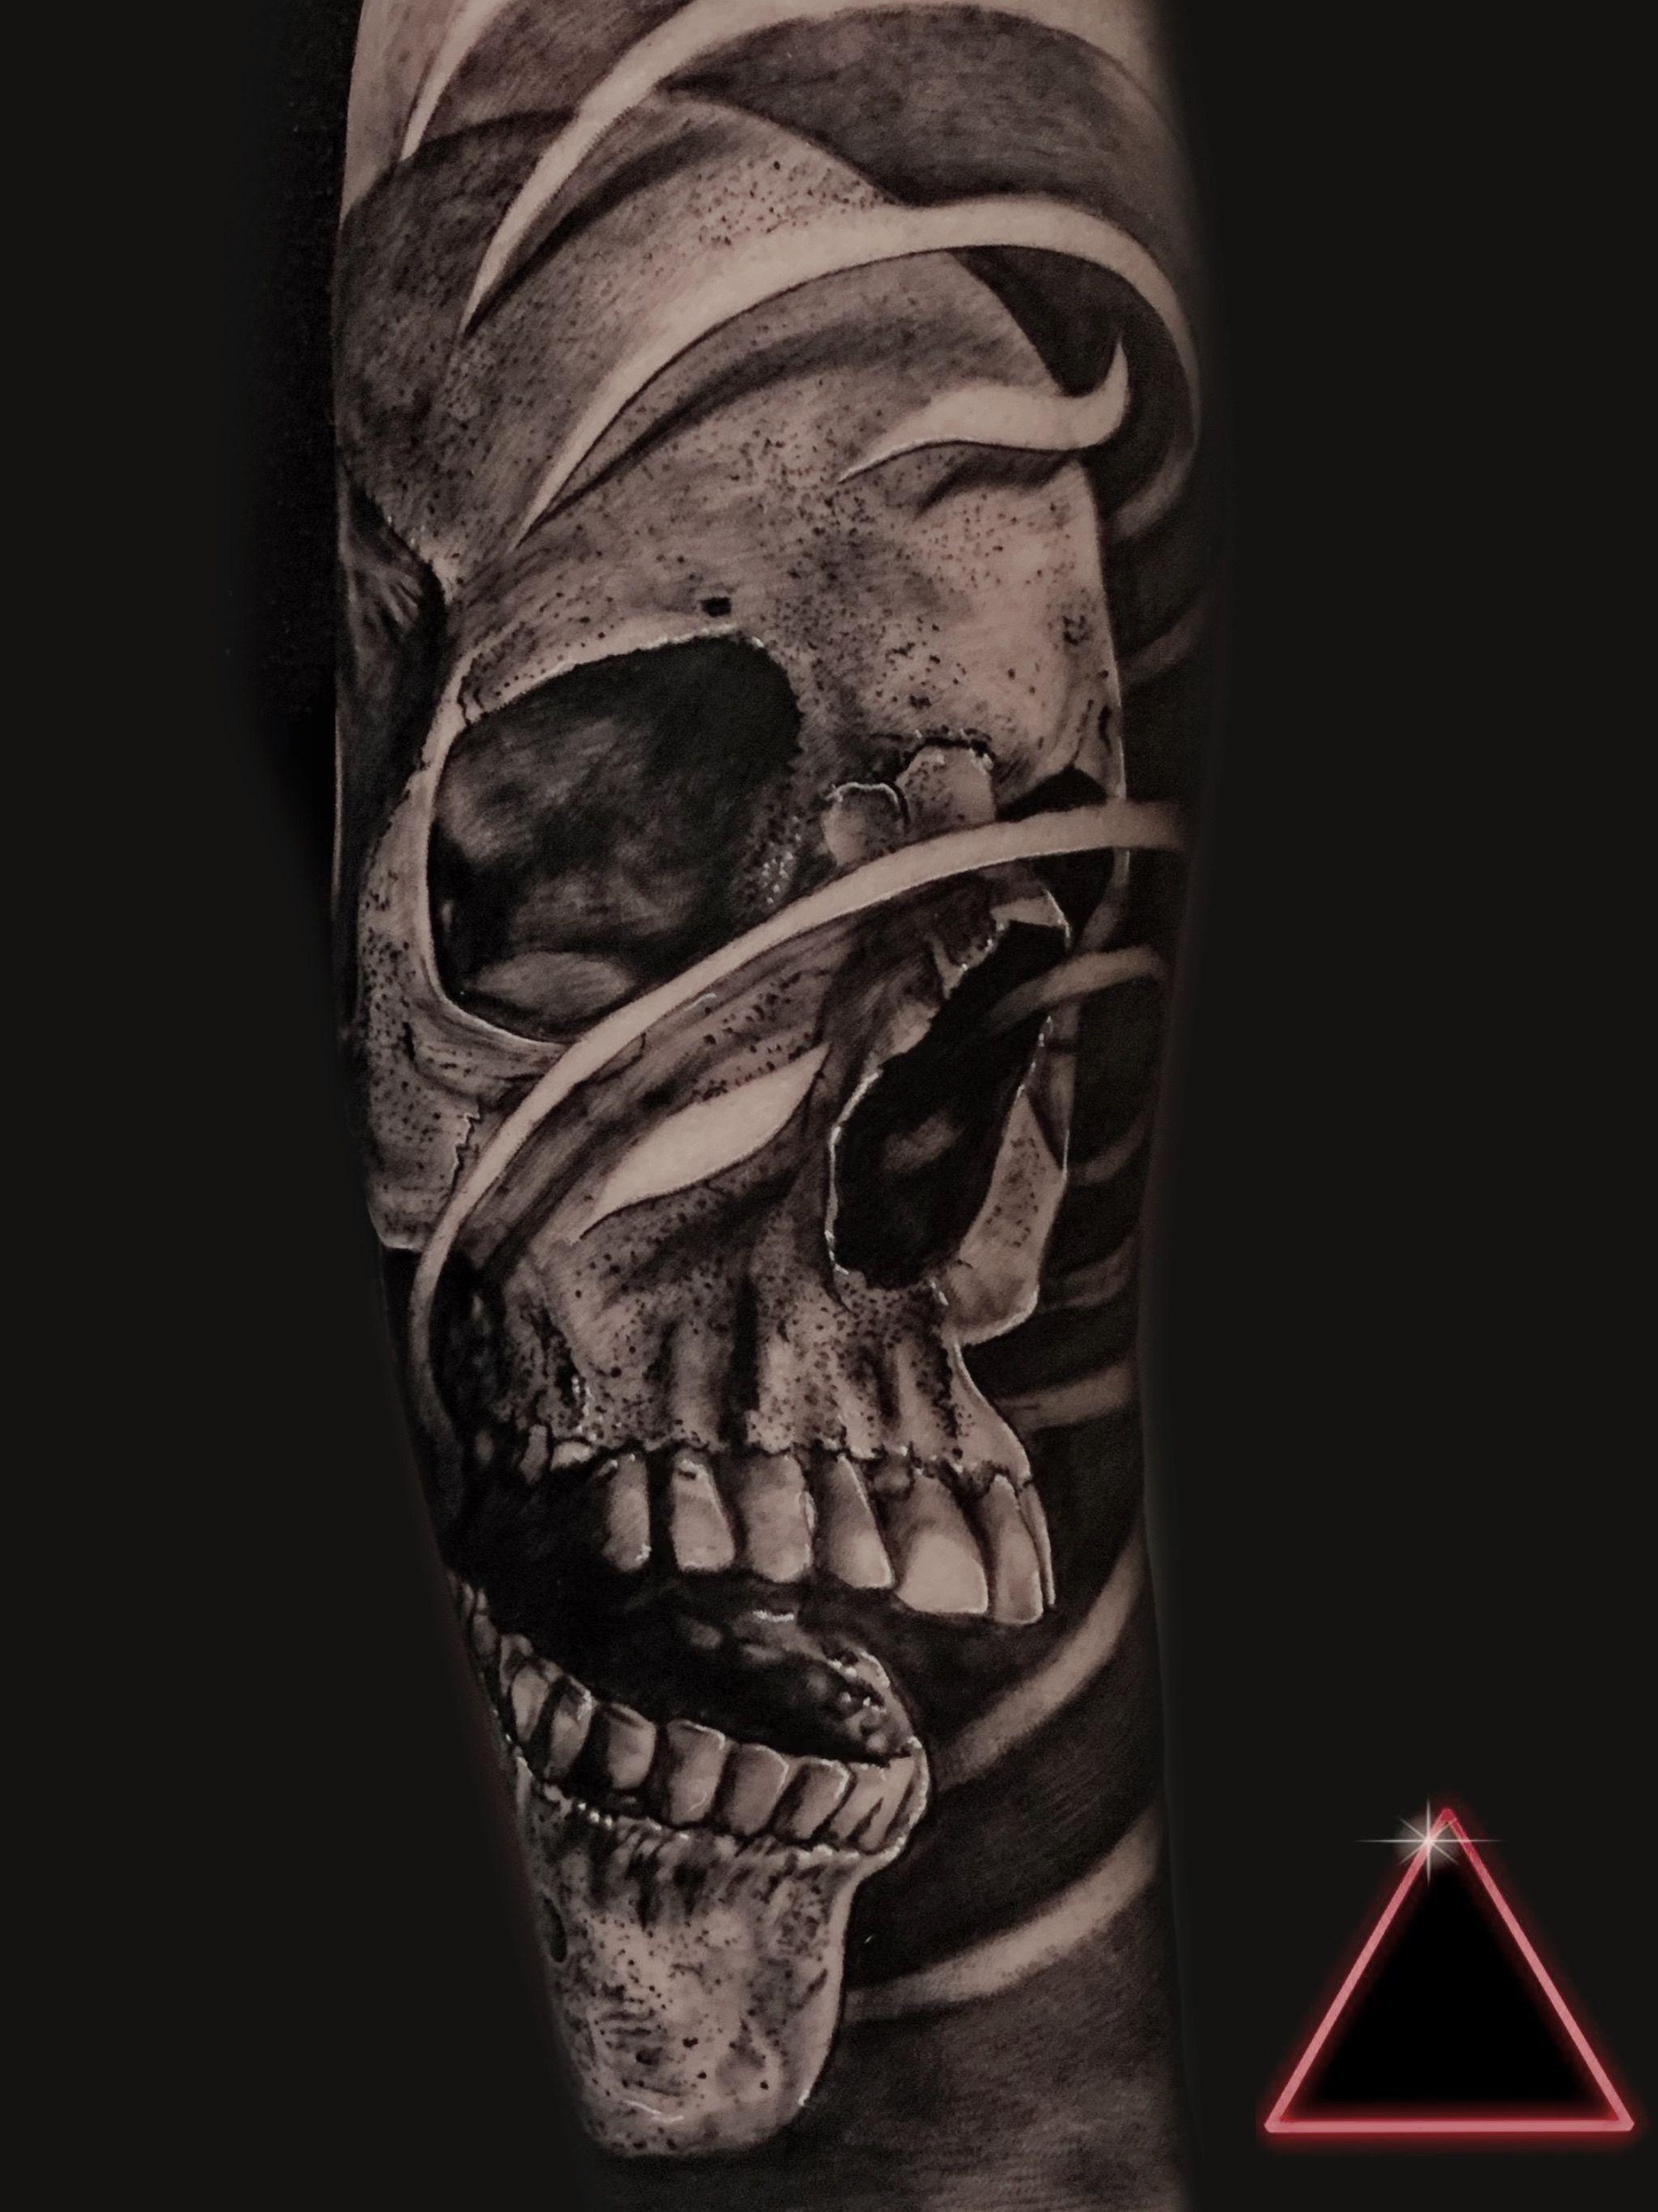 Tattoo skull on arm, tattoo realism, tattoo on arm, tattoo men, male tatto  Tattoo caveira no braço, tattoo realismo, tattoo no braço, tattoo masculina  #tattooskull #skulltattoos #skull #tattooonarm #realism #realismtattoo #realistic #realistictattoo #tattoomen #maletattoo #tattoocaveira #tattoonobraco #caveira #realismo #realismotattoo #tattoomasculina